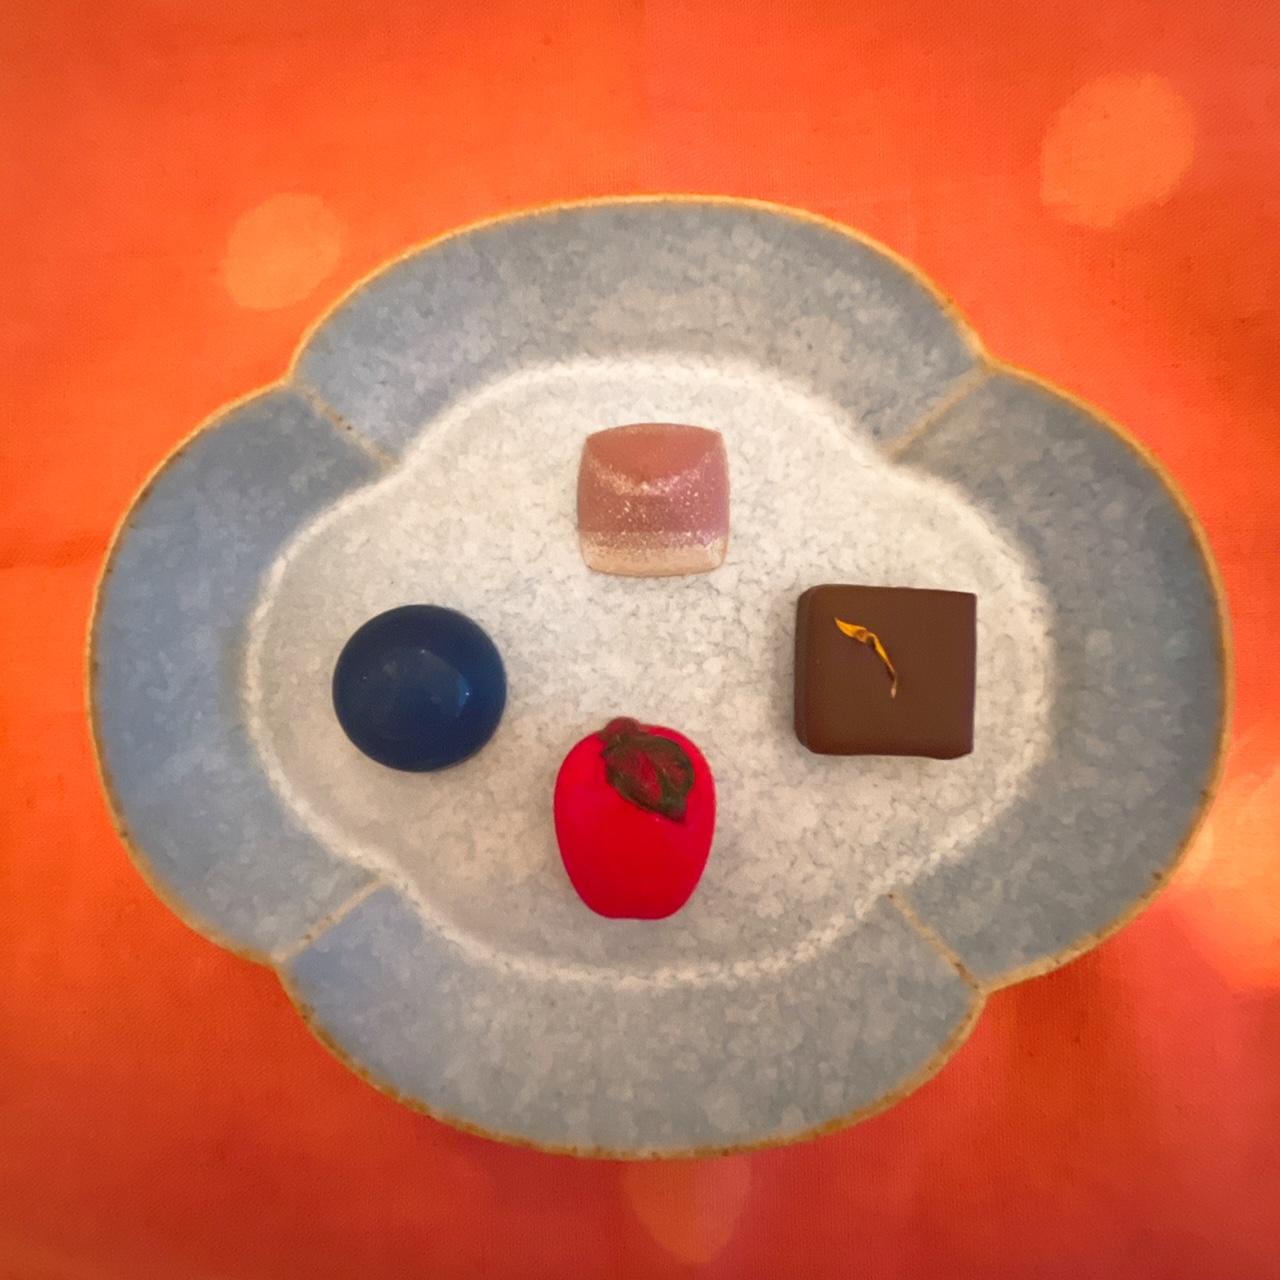 北海道の素材を活かした〈壺屋〉の「RAMSチョコレート」〜眞鍋かをりの『即決!2,000円で美味しいお取り寄せ』~